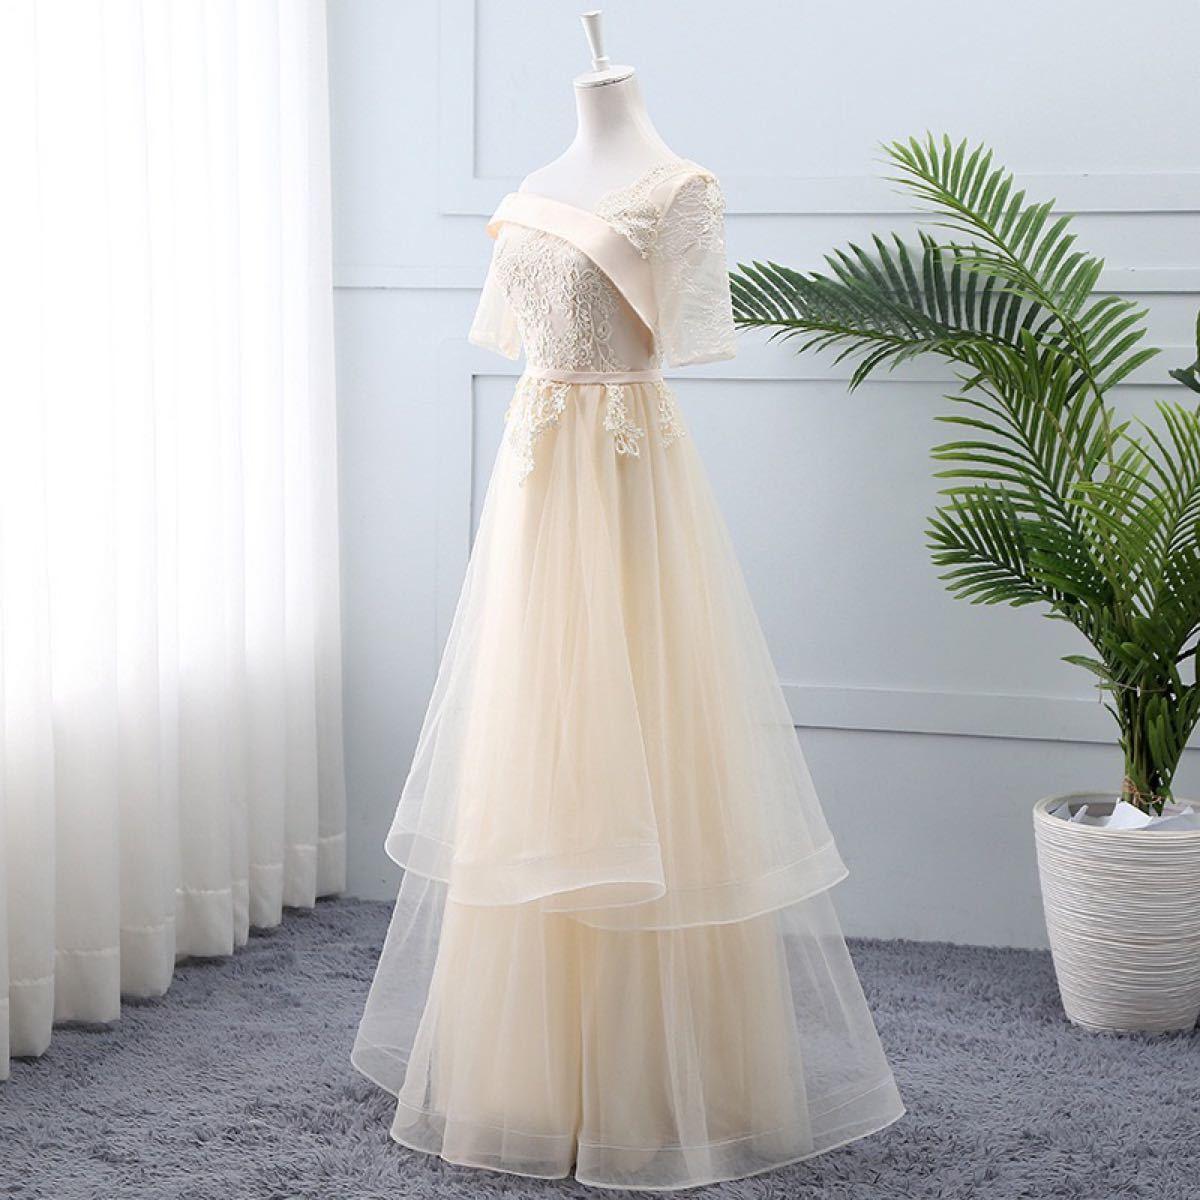 パーティードレス 結婚式 ドレス ワンピース 袖あり ロングドレス